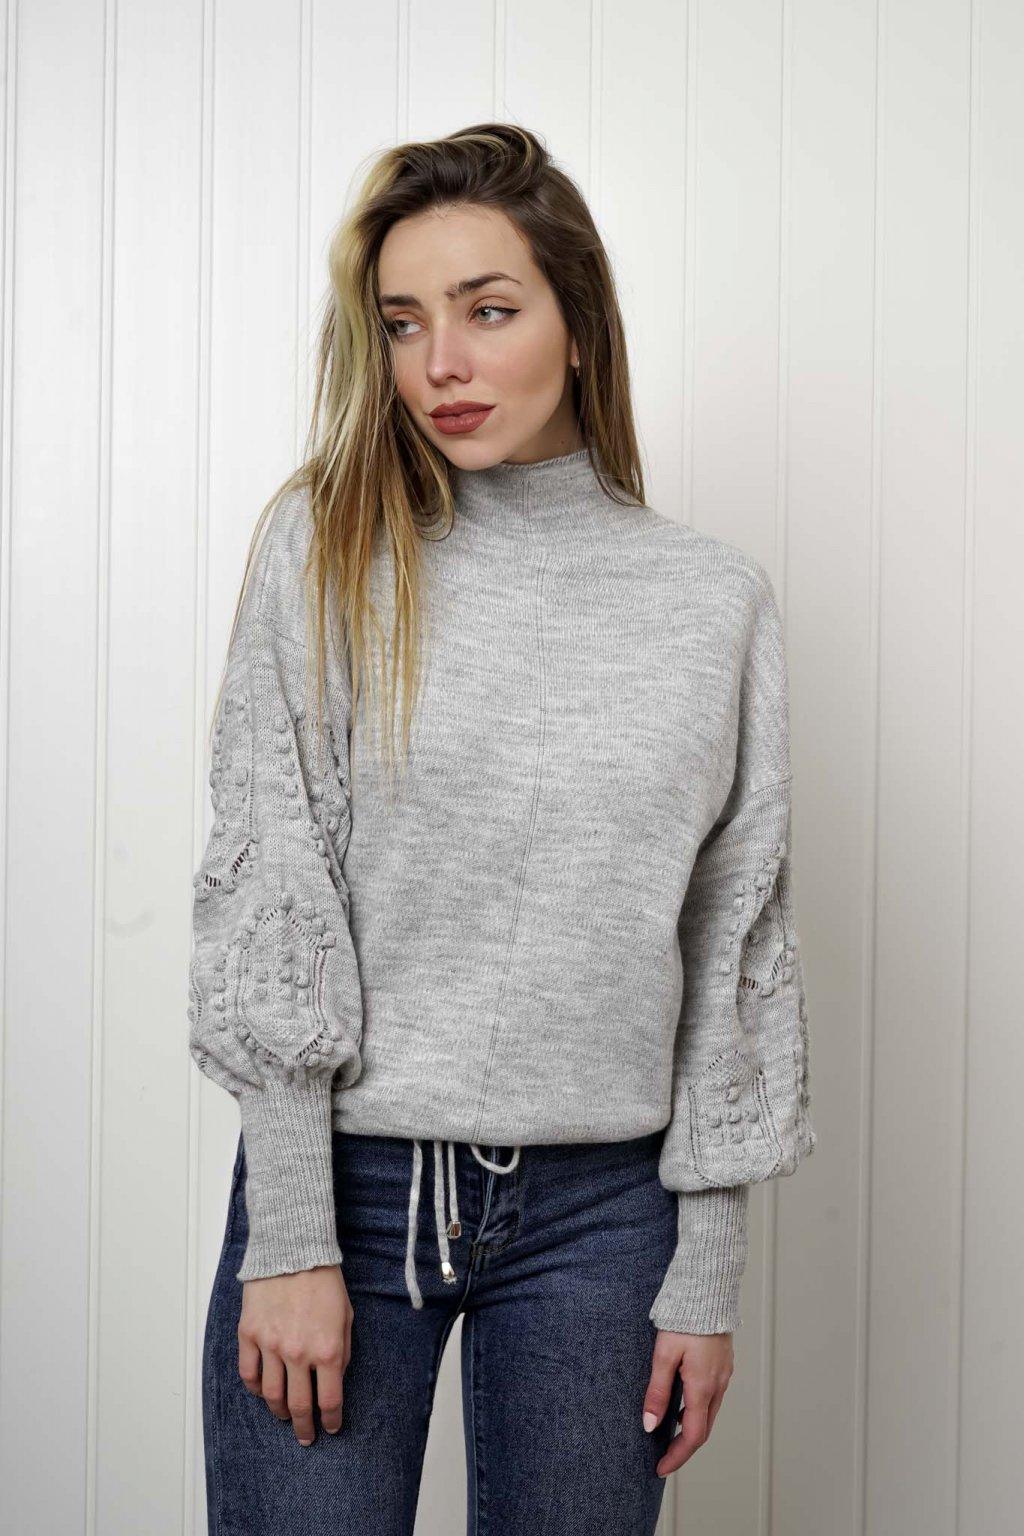 sveter, svetrík, sveter dámsky, úplet, úpletový sveter, jednoduchý sveter, v výstríh, štýlový, chlpatý,vzorovaný, srdiečkový, čierny, biely, farebný, 133